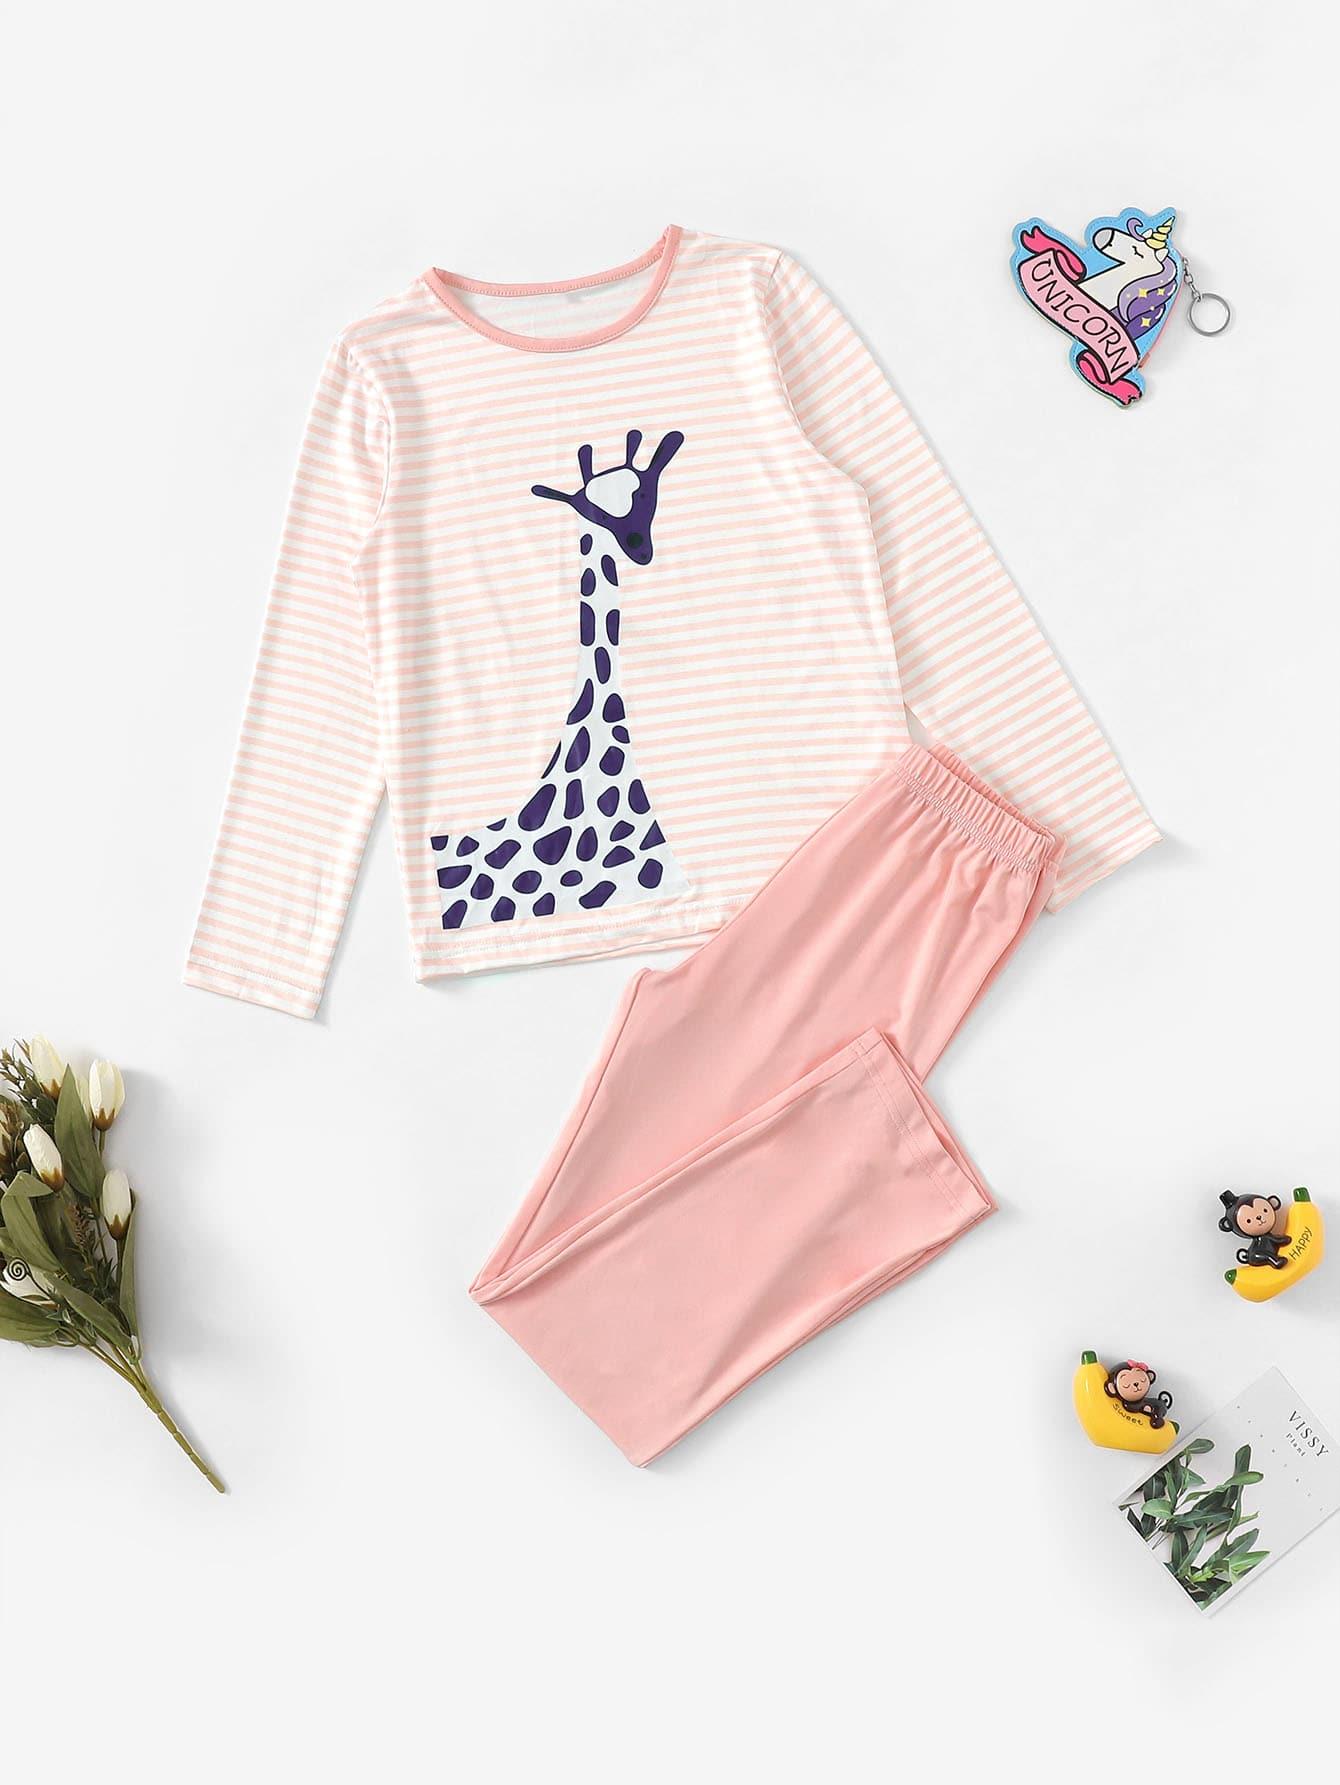 Полосатая пижама с принтом графическим для девочек от SheIn